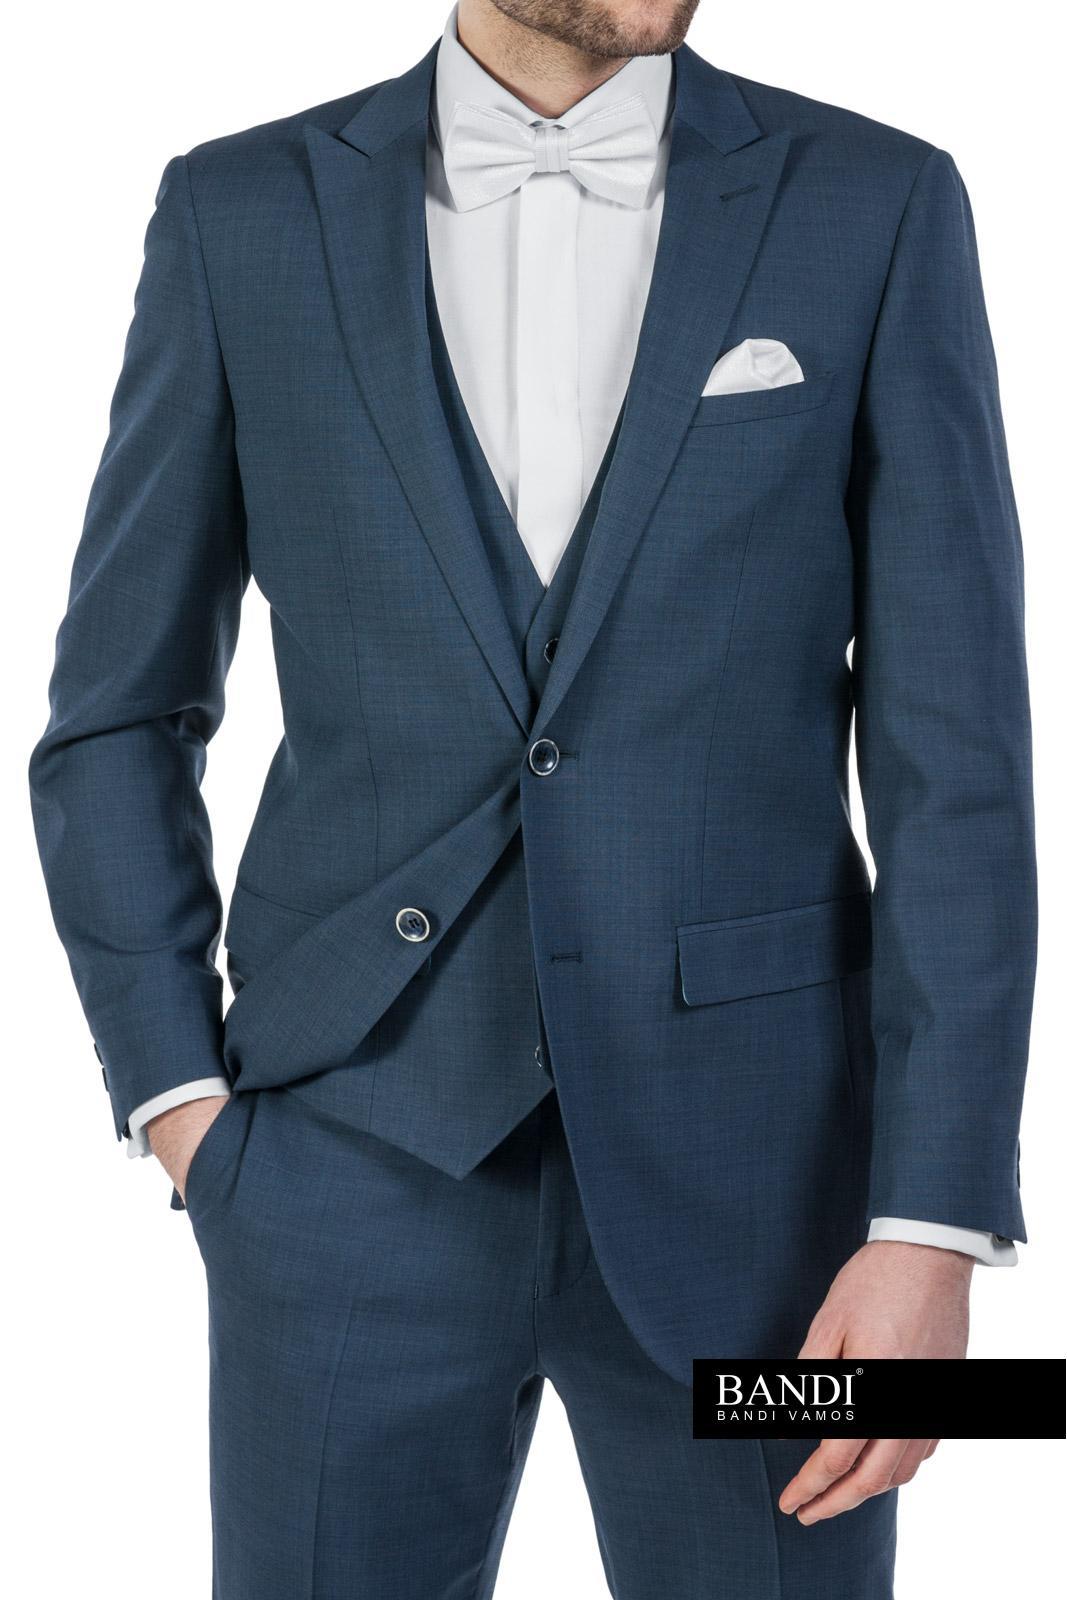 Svatební outfit pro ženicha